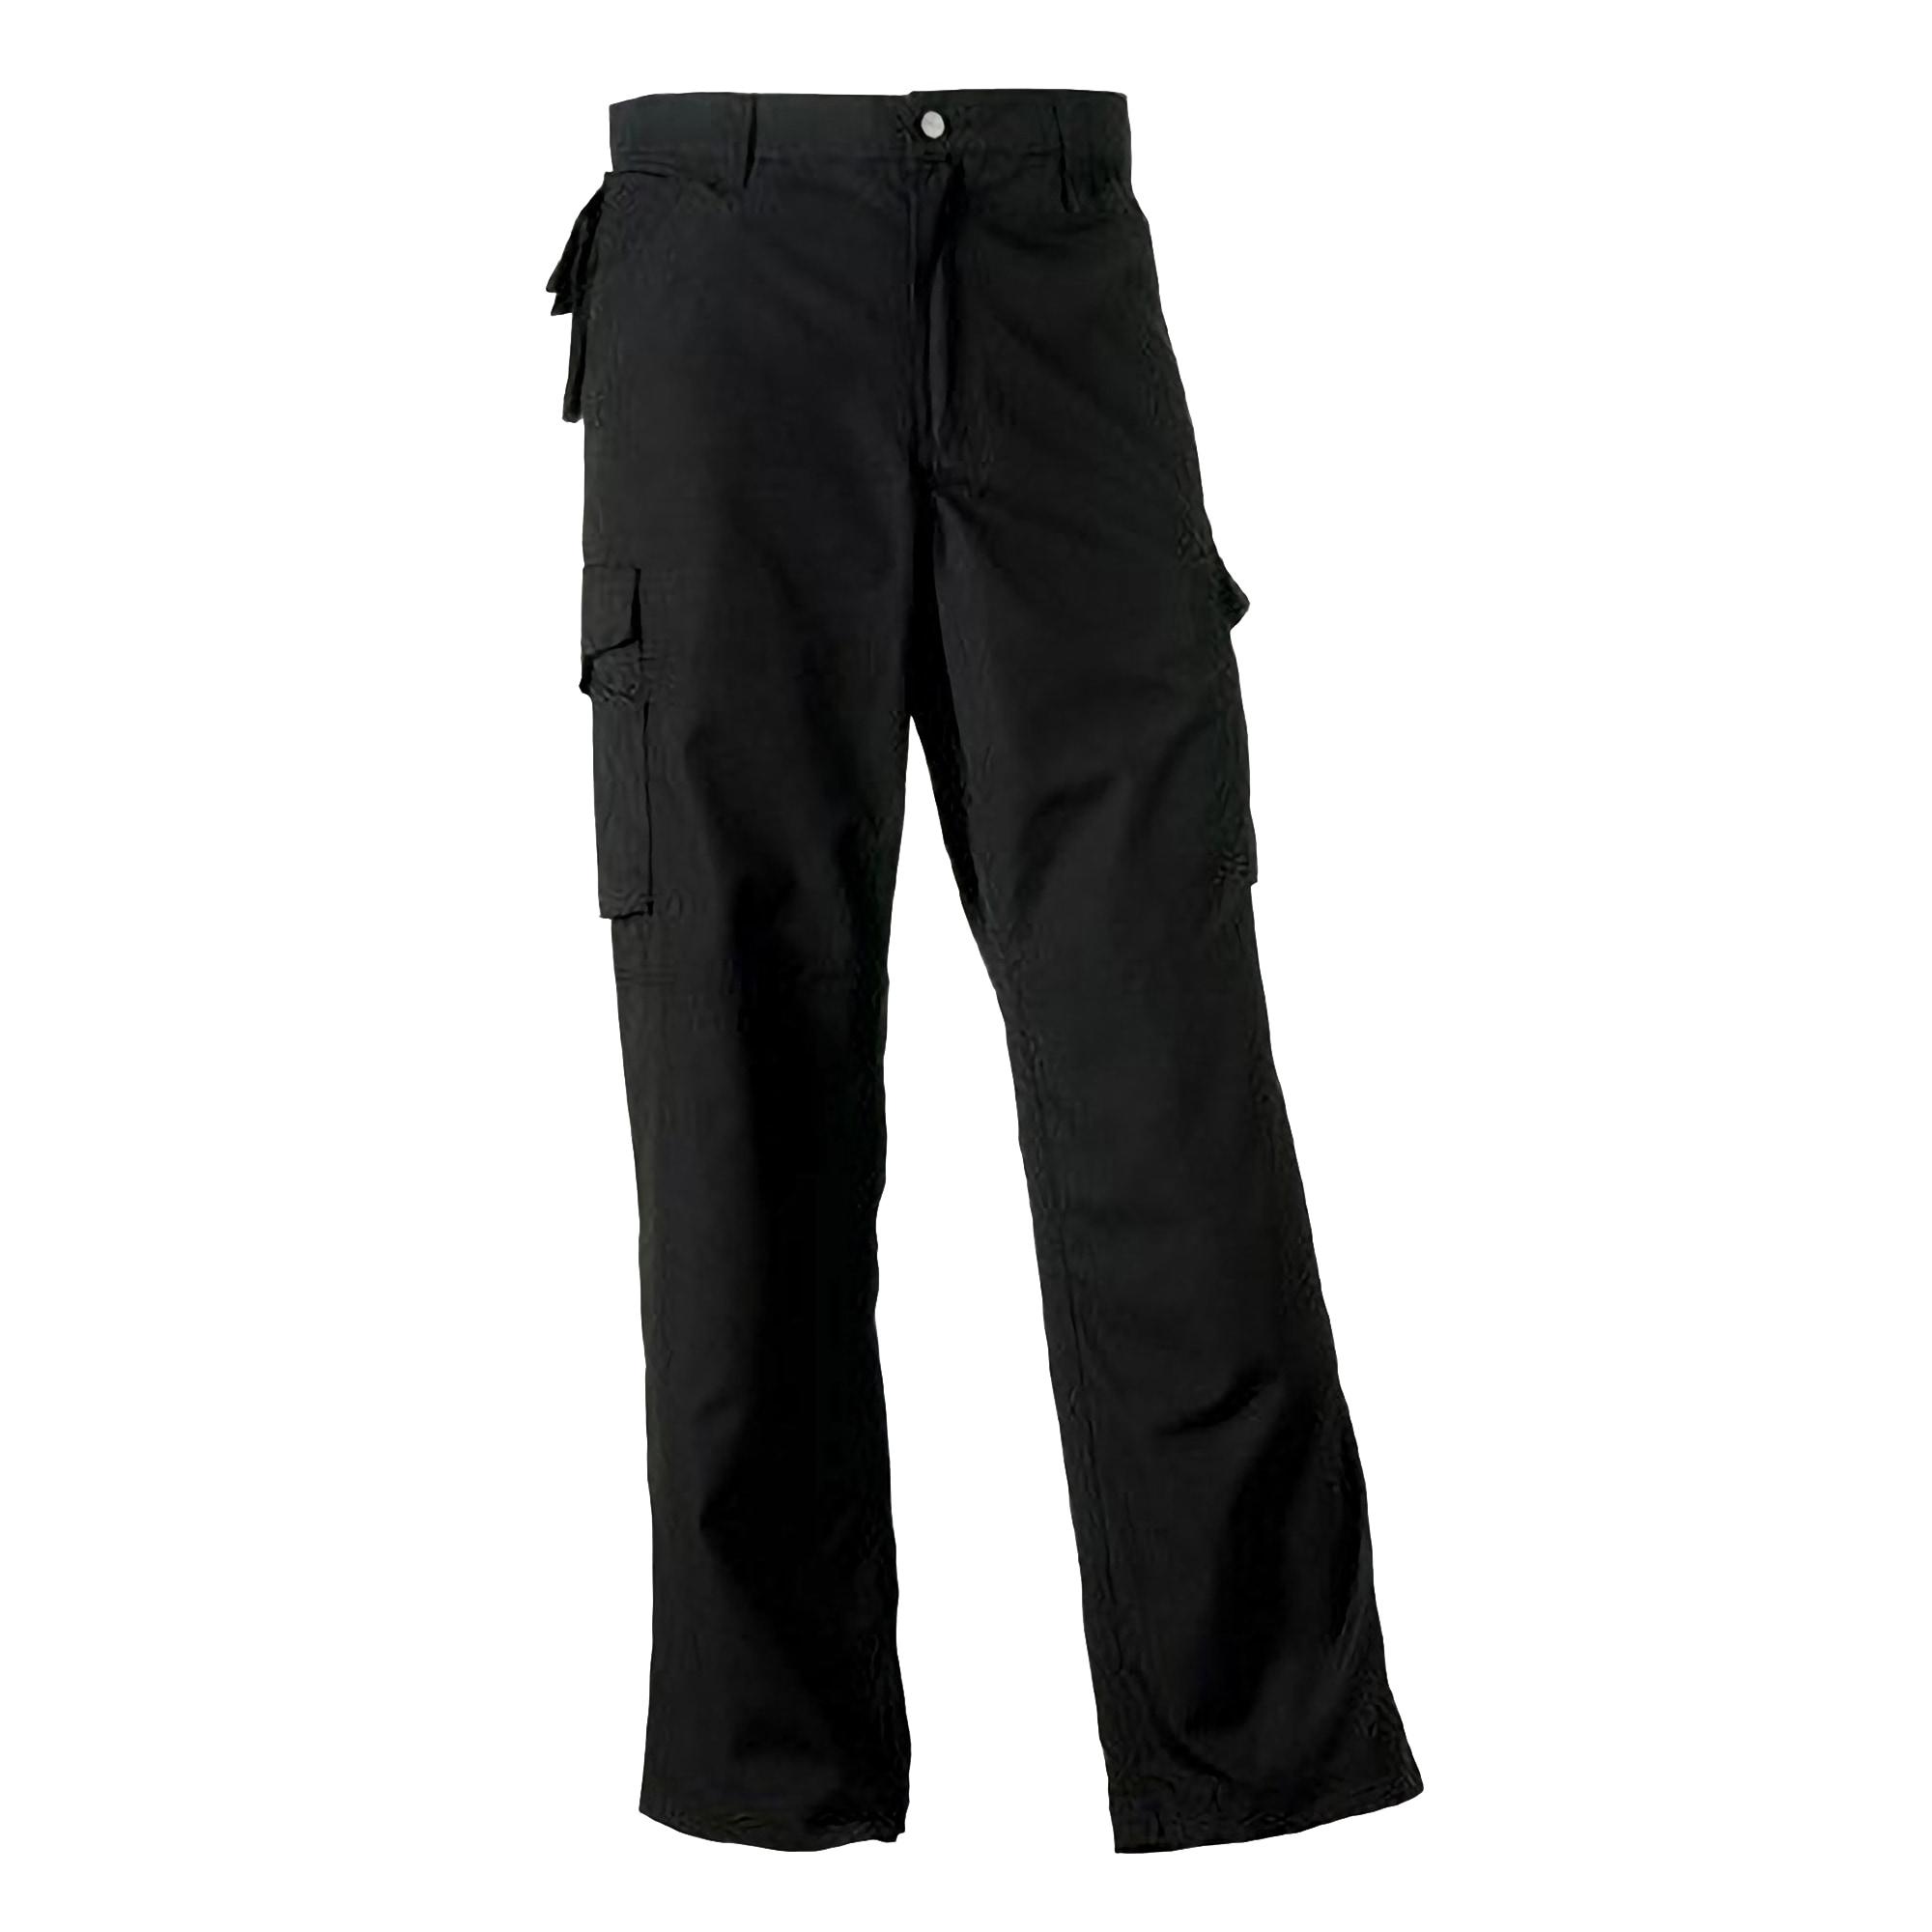 Russell Cargohose Work Wear Heavy Duty Hose für Männer Lange Beinlänge   Bekleidung > Hosen > Cargohosen   Blau